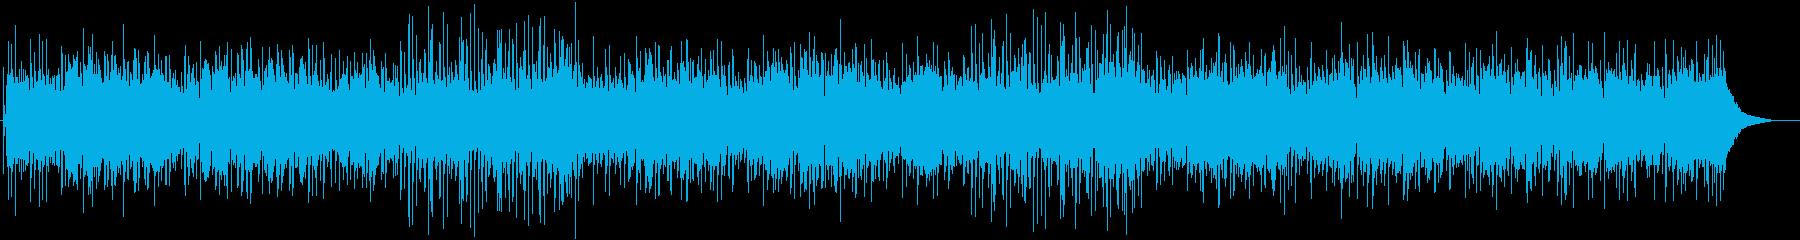 インディーアコースティックポップソングの再生済みの波形